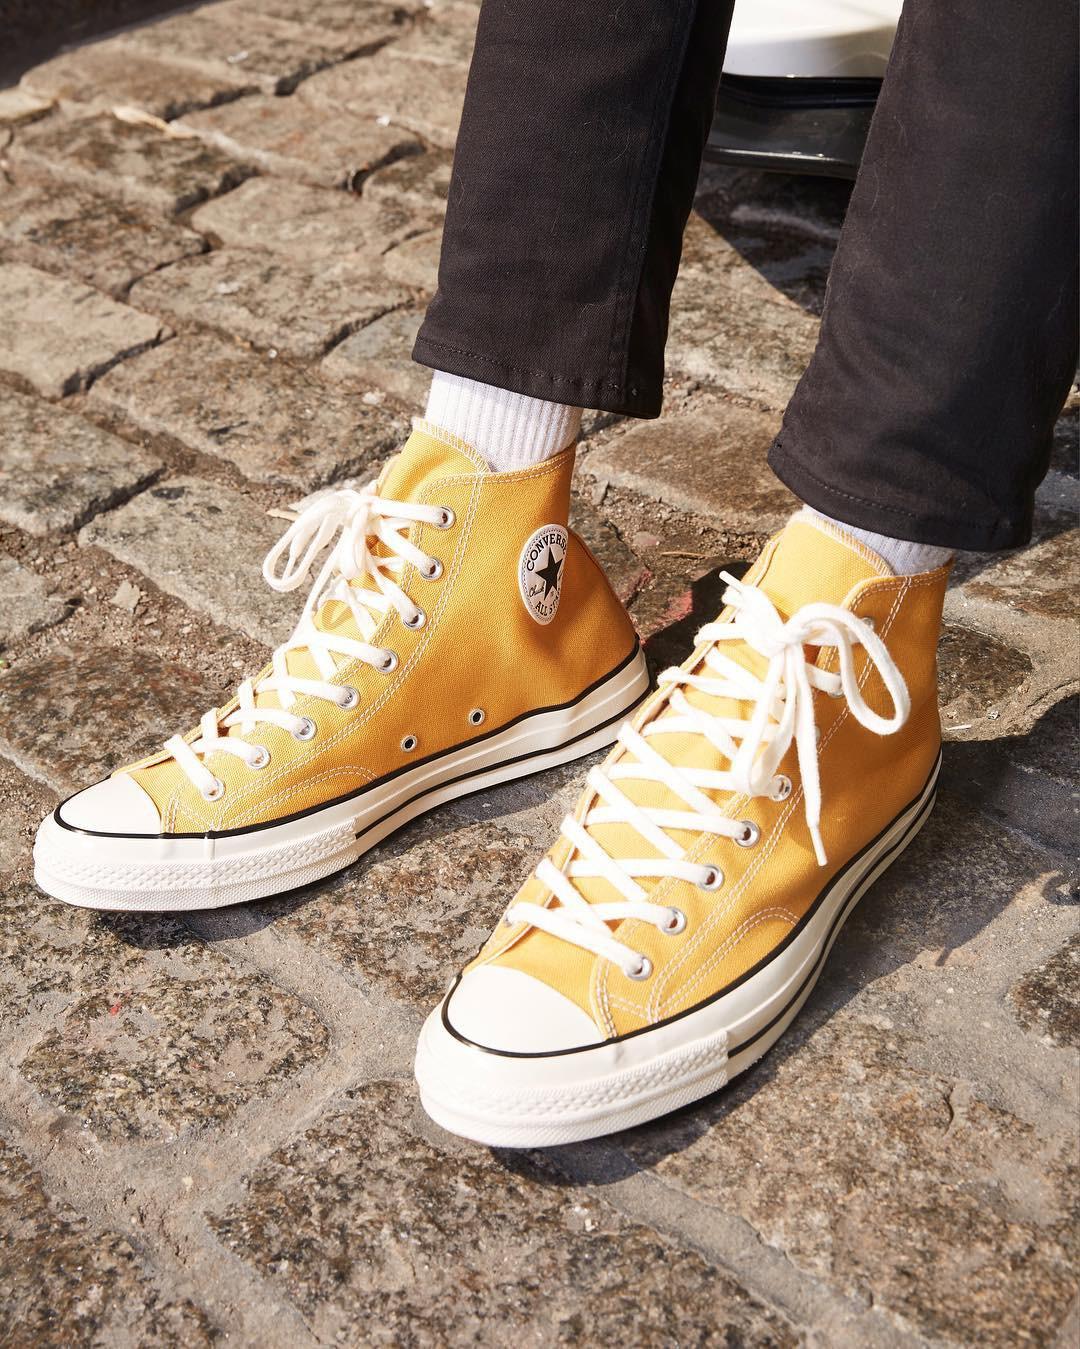 Sneakers đừng chỉ chọn trắng đen an toàn, còn có nhiều mẫu rực rỡ hot lắm đây này - Ảnh 2.